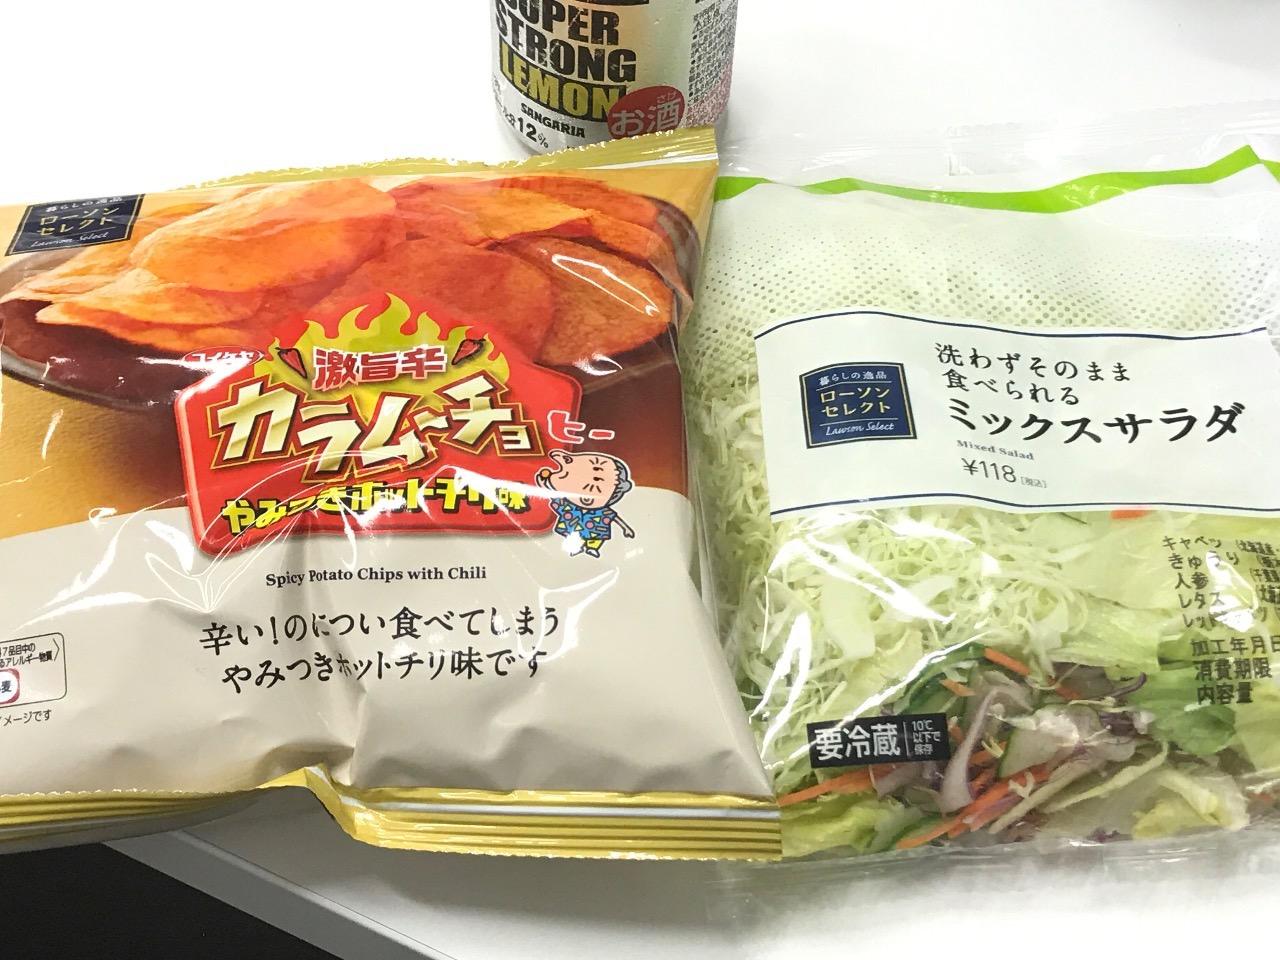 【簡単レシピ】カラムーチョとコンビニの袋サラダで作る酒のアテになるジャンクなおつまみサラダ